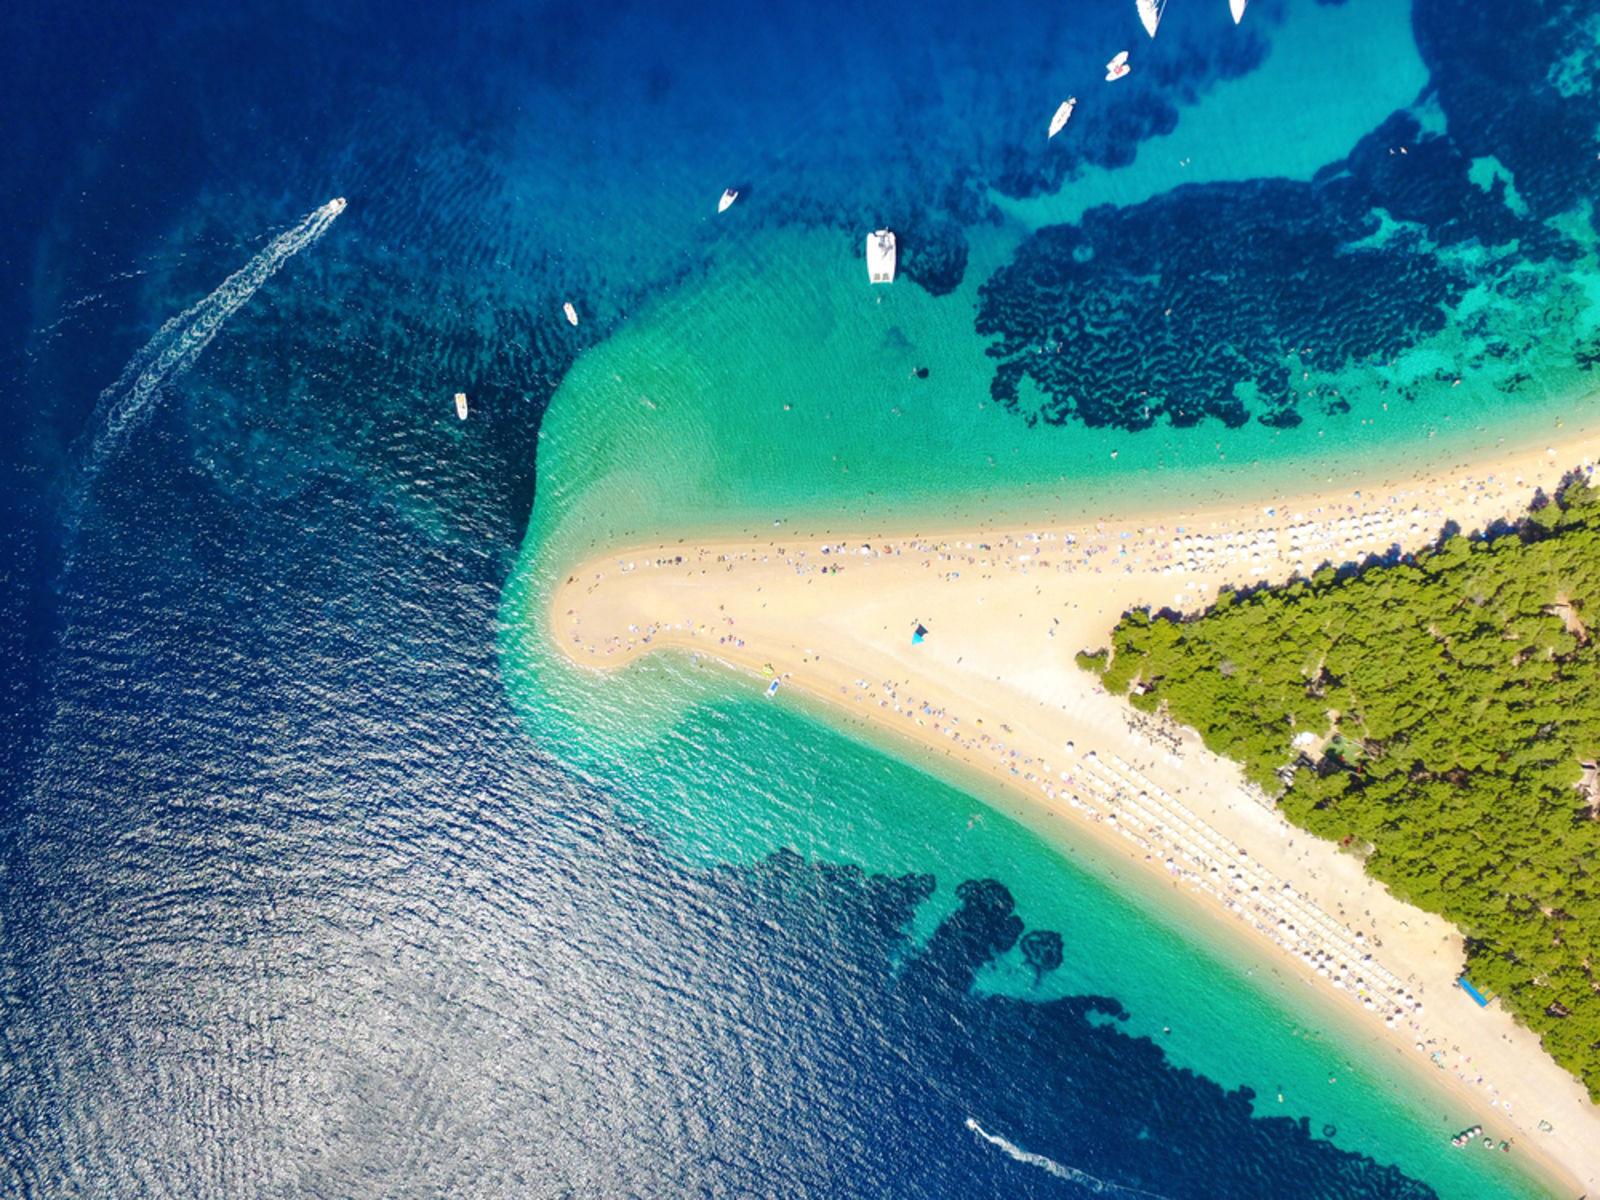 Sommerurlaub in Kroatien am Meer